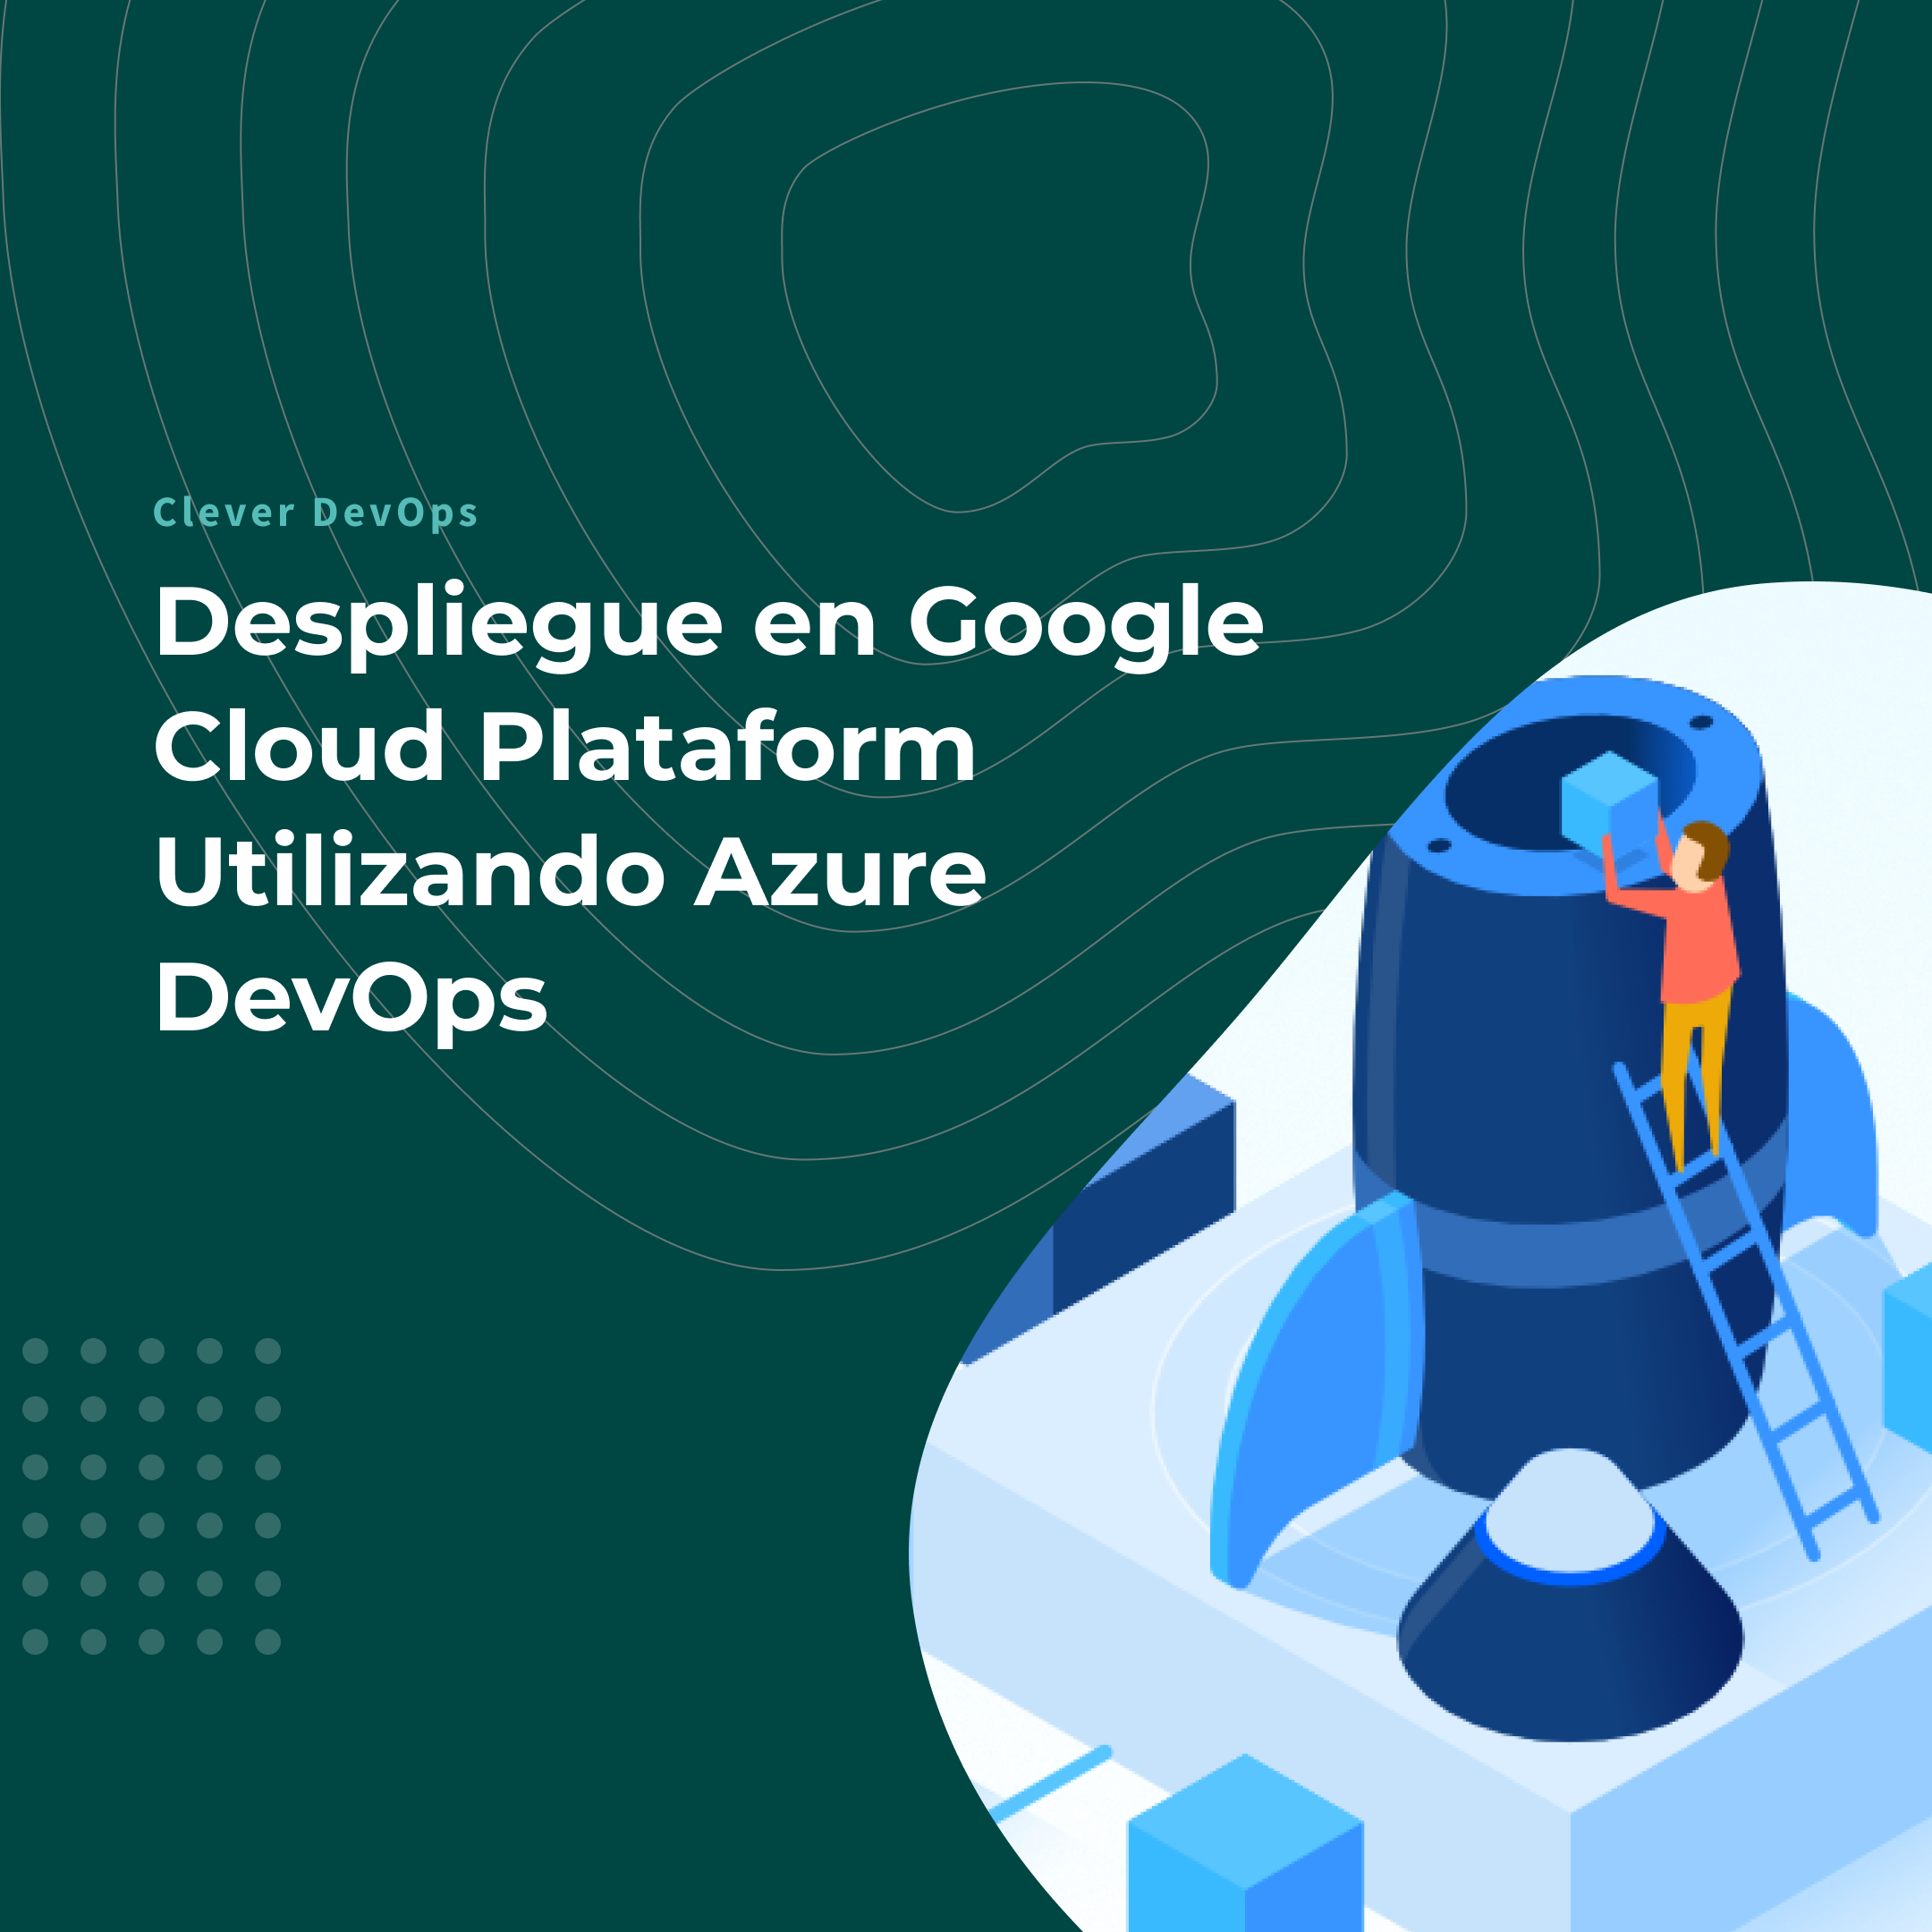 Despliegue en Google Cloud Plataform Utilizando Azure DevOps